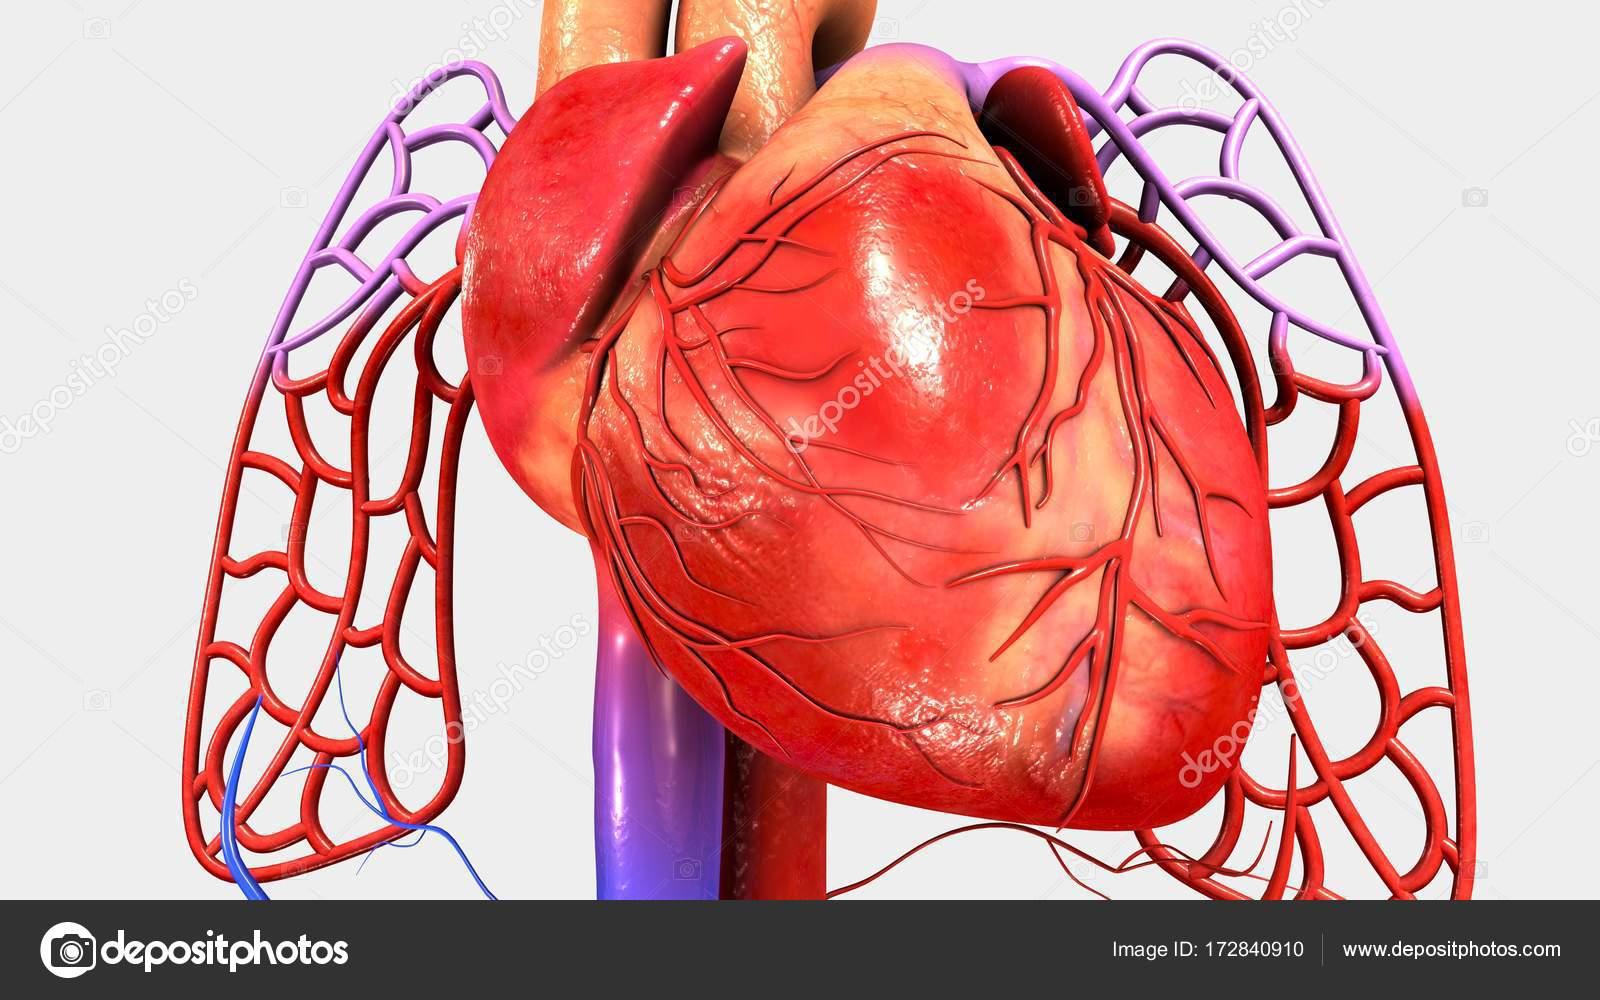 Músculo del corazón humano — Fotos de Stock © sciencepics #172840910